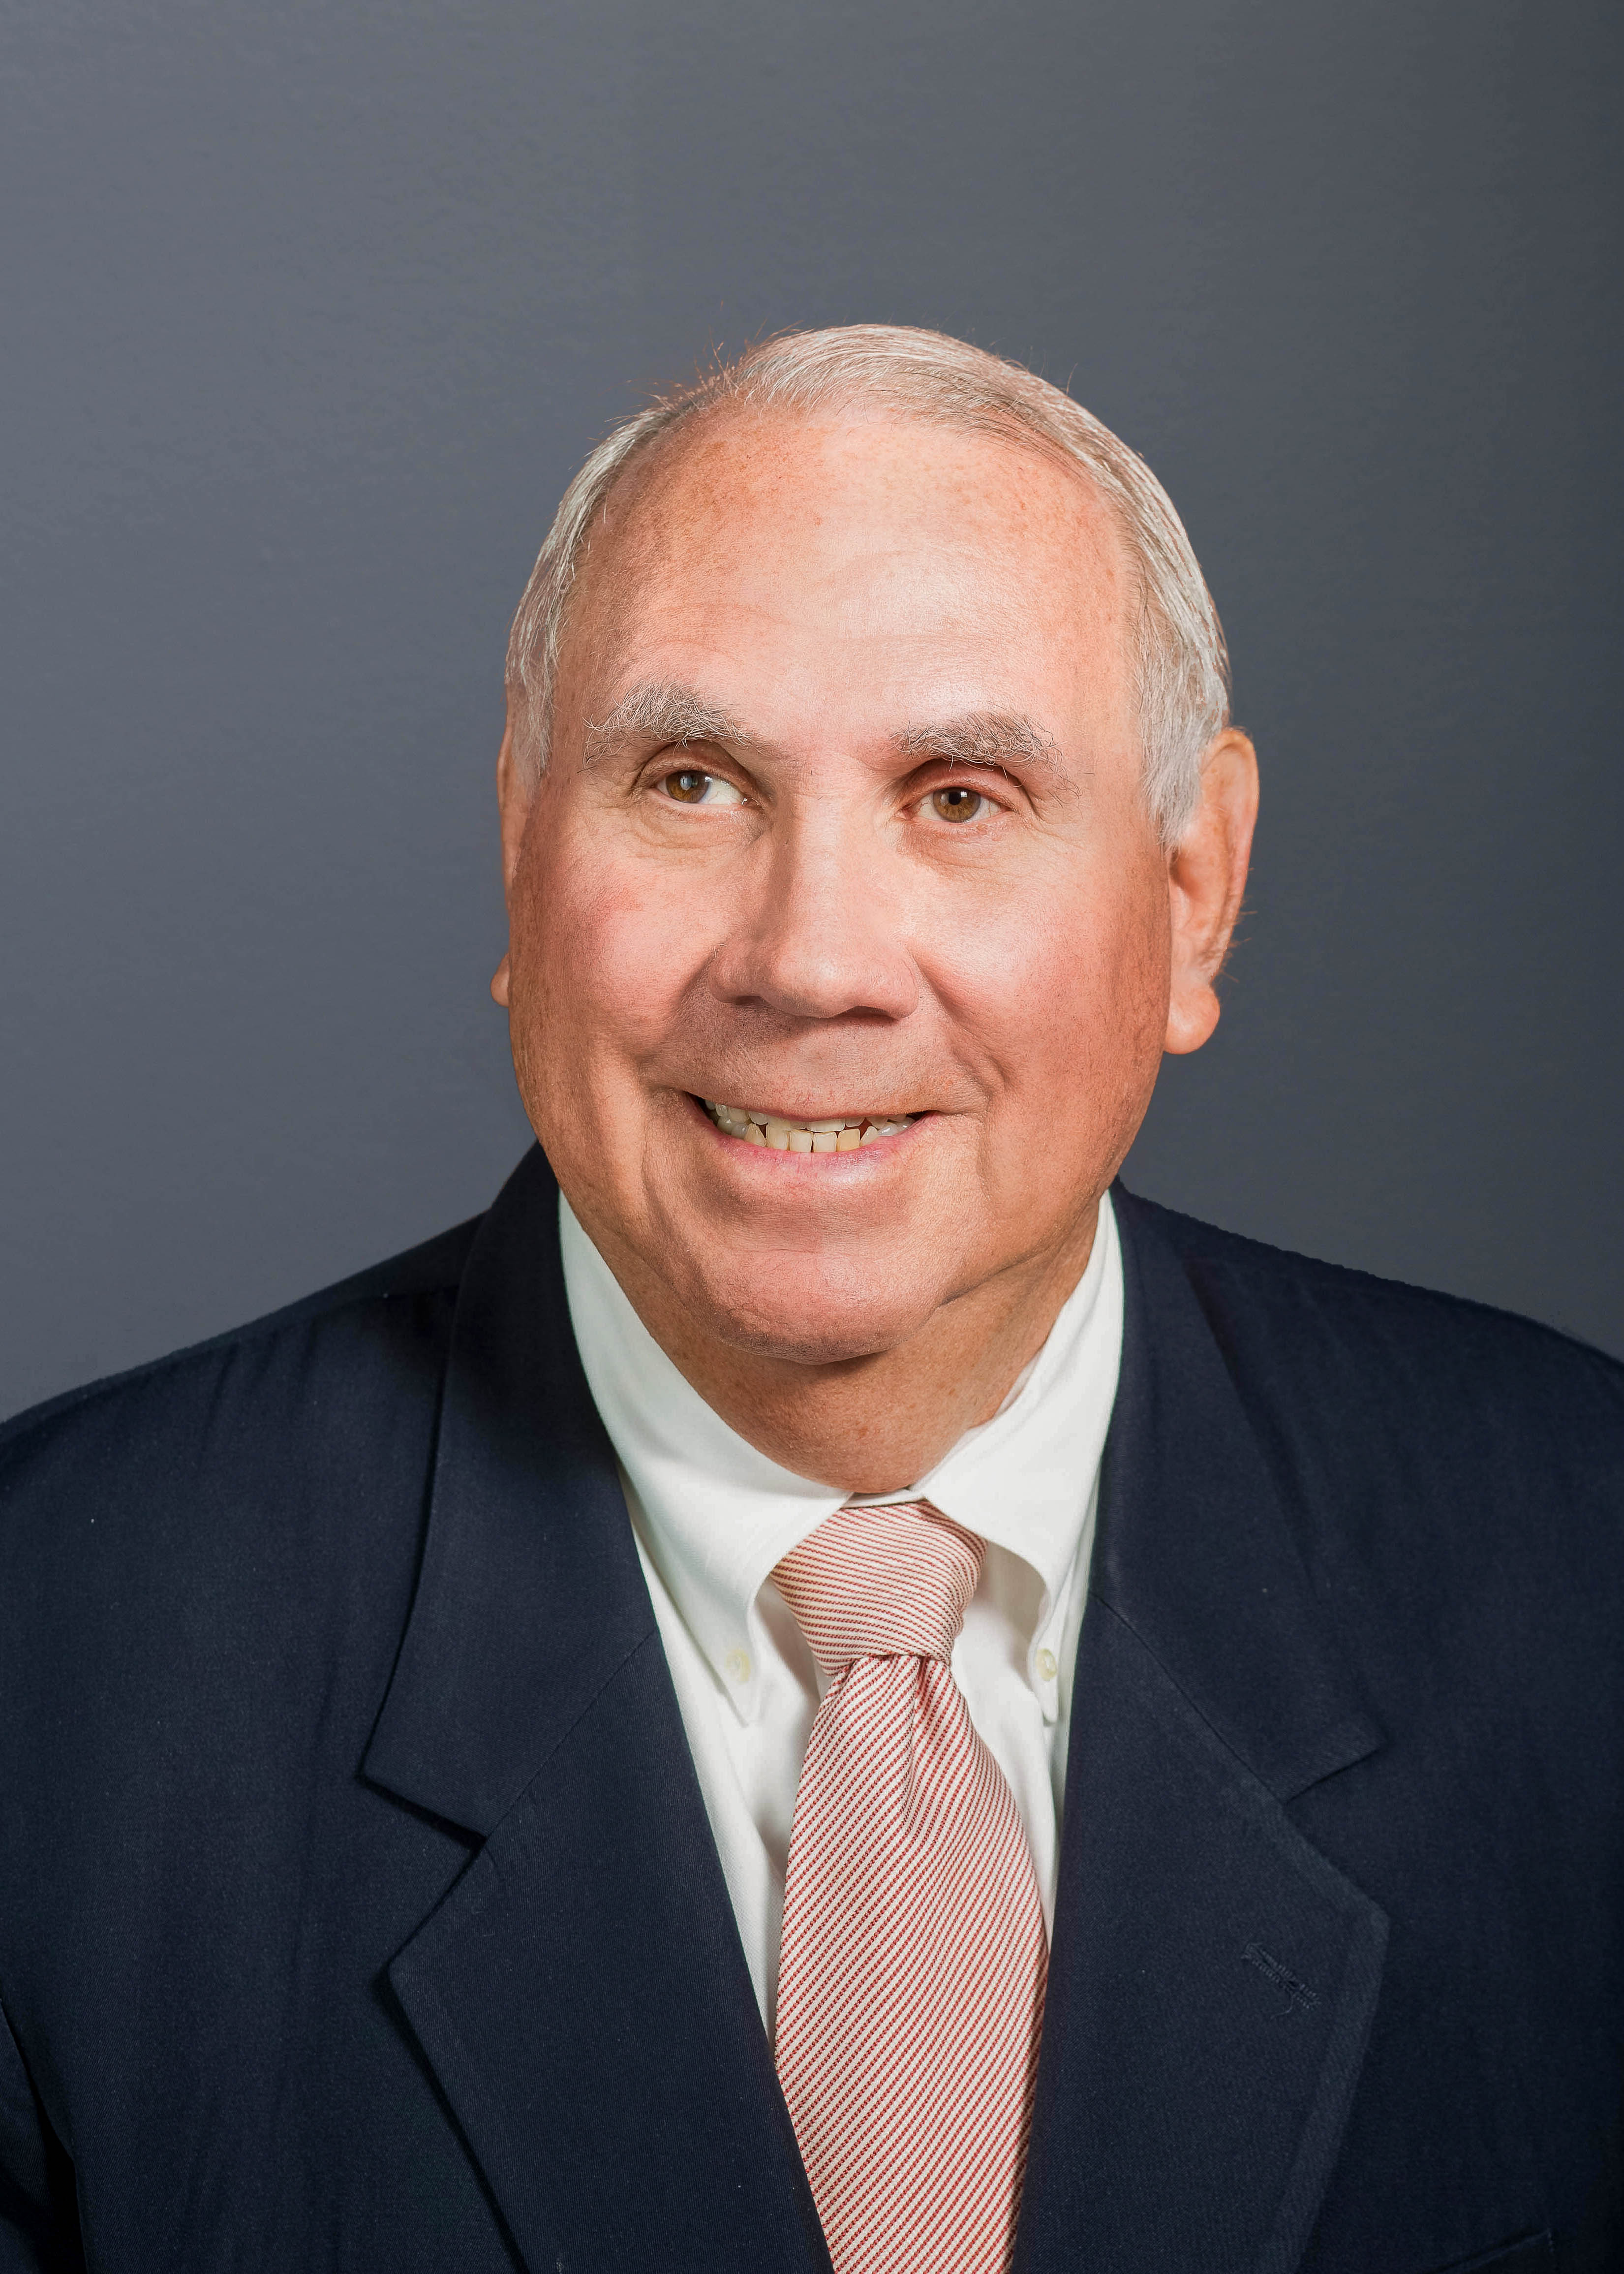 Roy Maurer